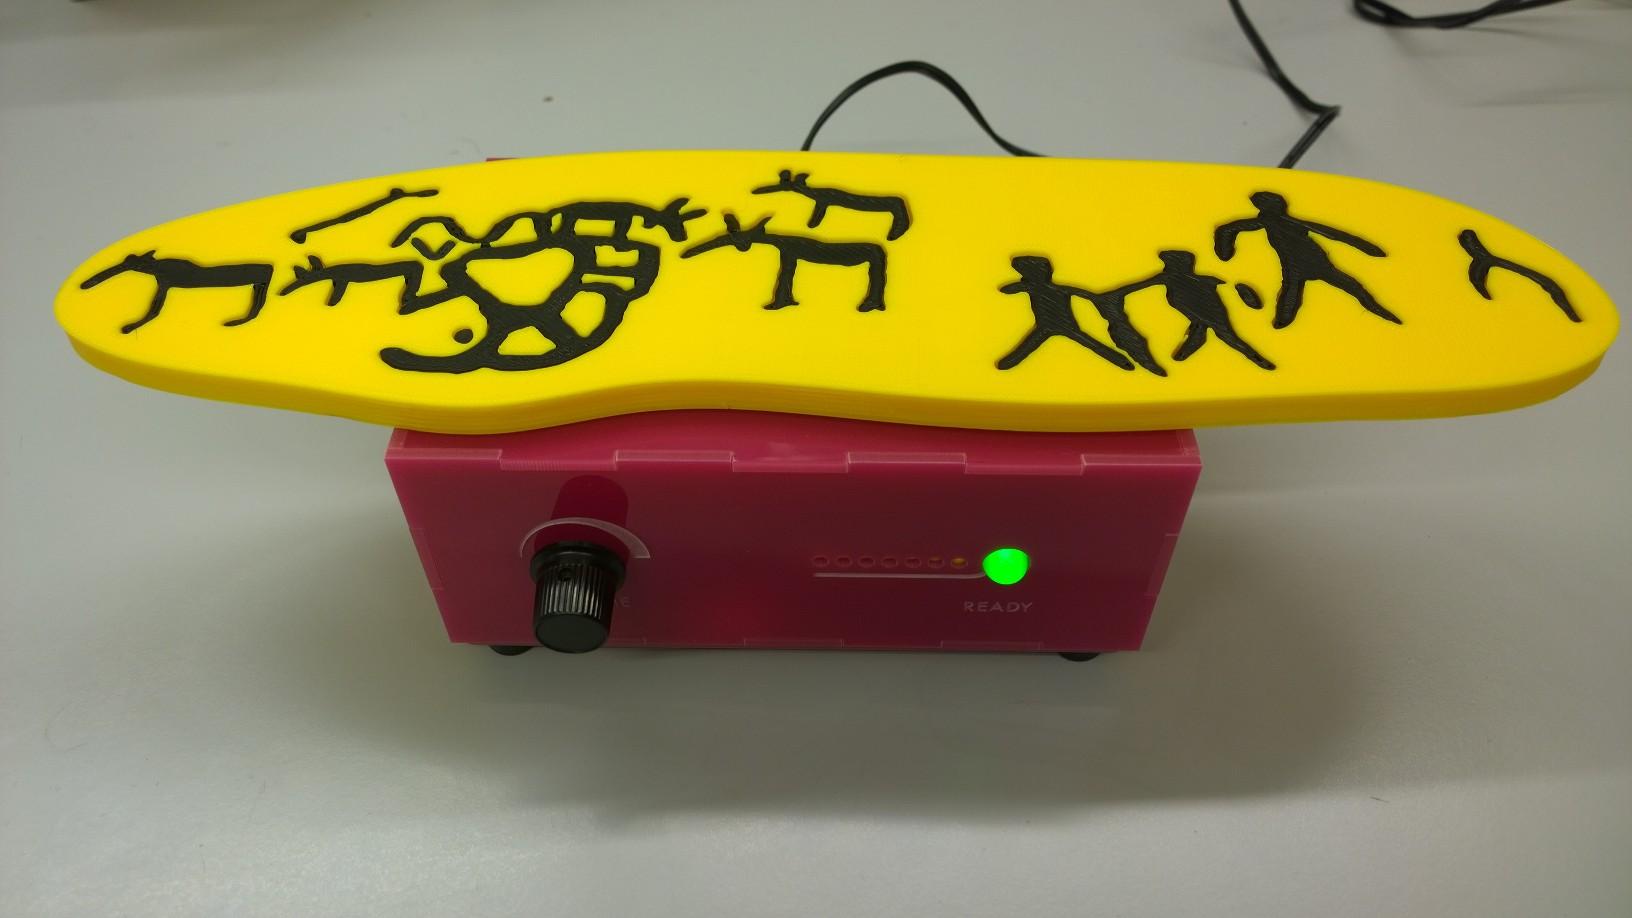 En ljudsatt 3D-modell av hällristningar från Nämforsen. Produkten heter Museum in a Box. Genom ett RFID-chip på undersidan av modellen spelas ett ljudklipp upp, där en guide från Hällristningsmuseet i Nämforsen berättar om ristningarnas innehåll och tolkningar.